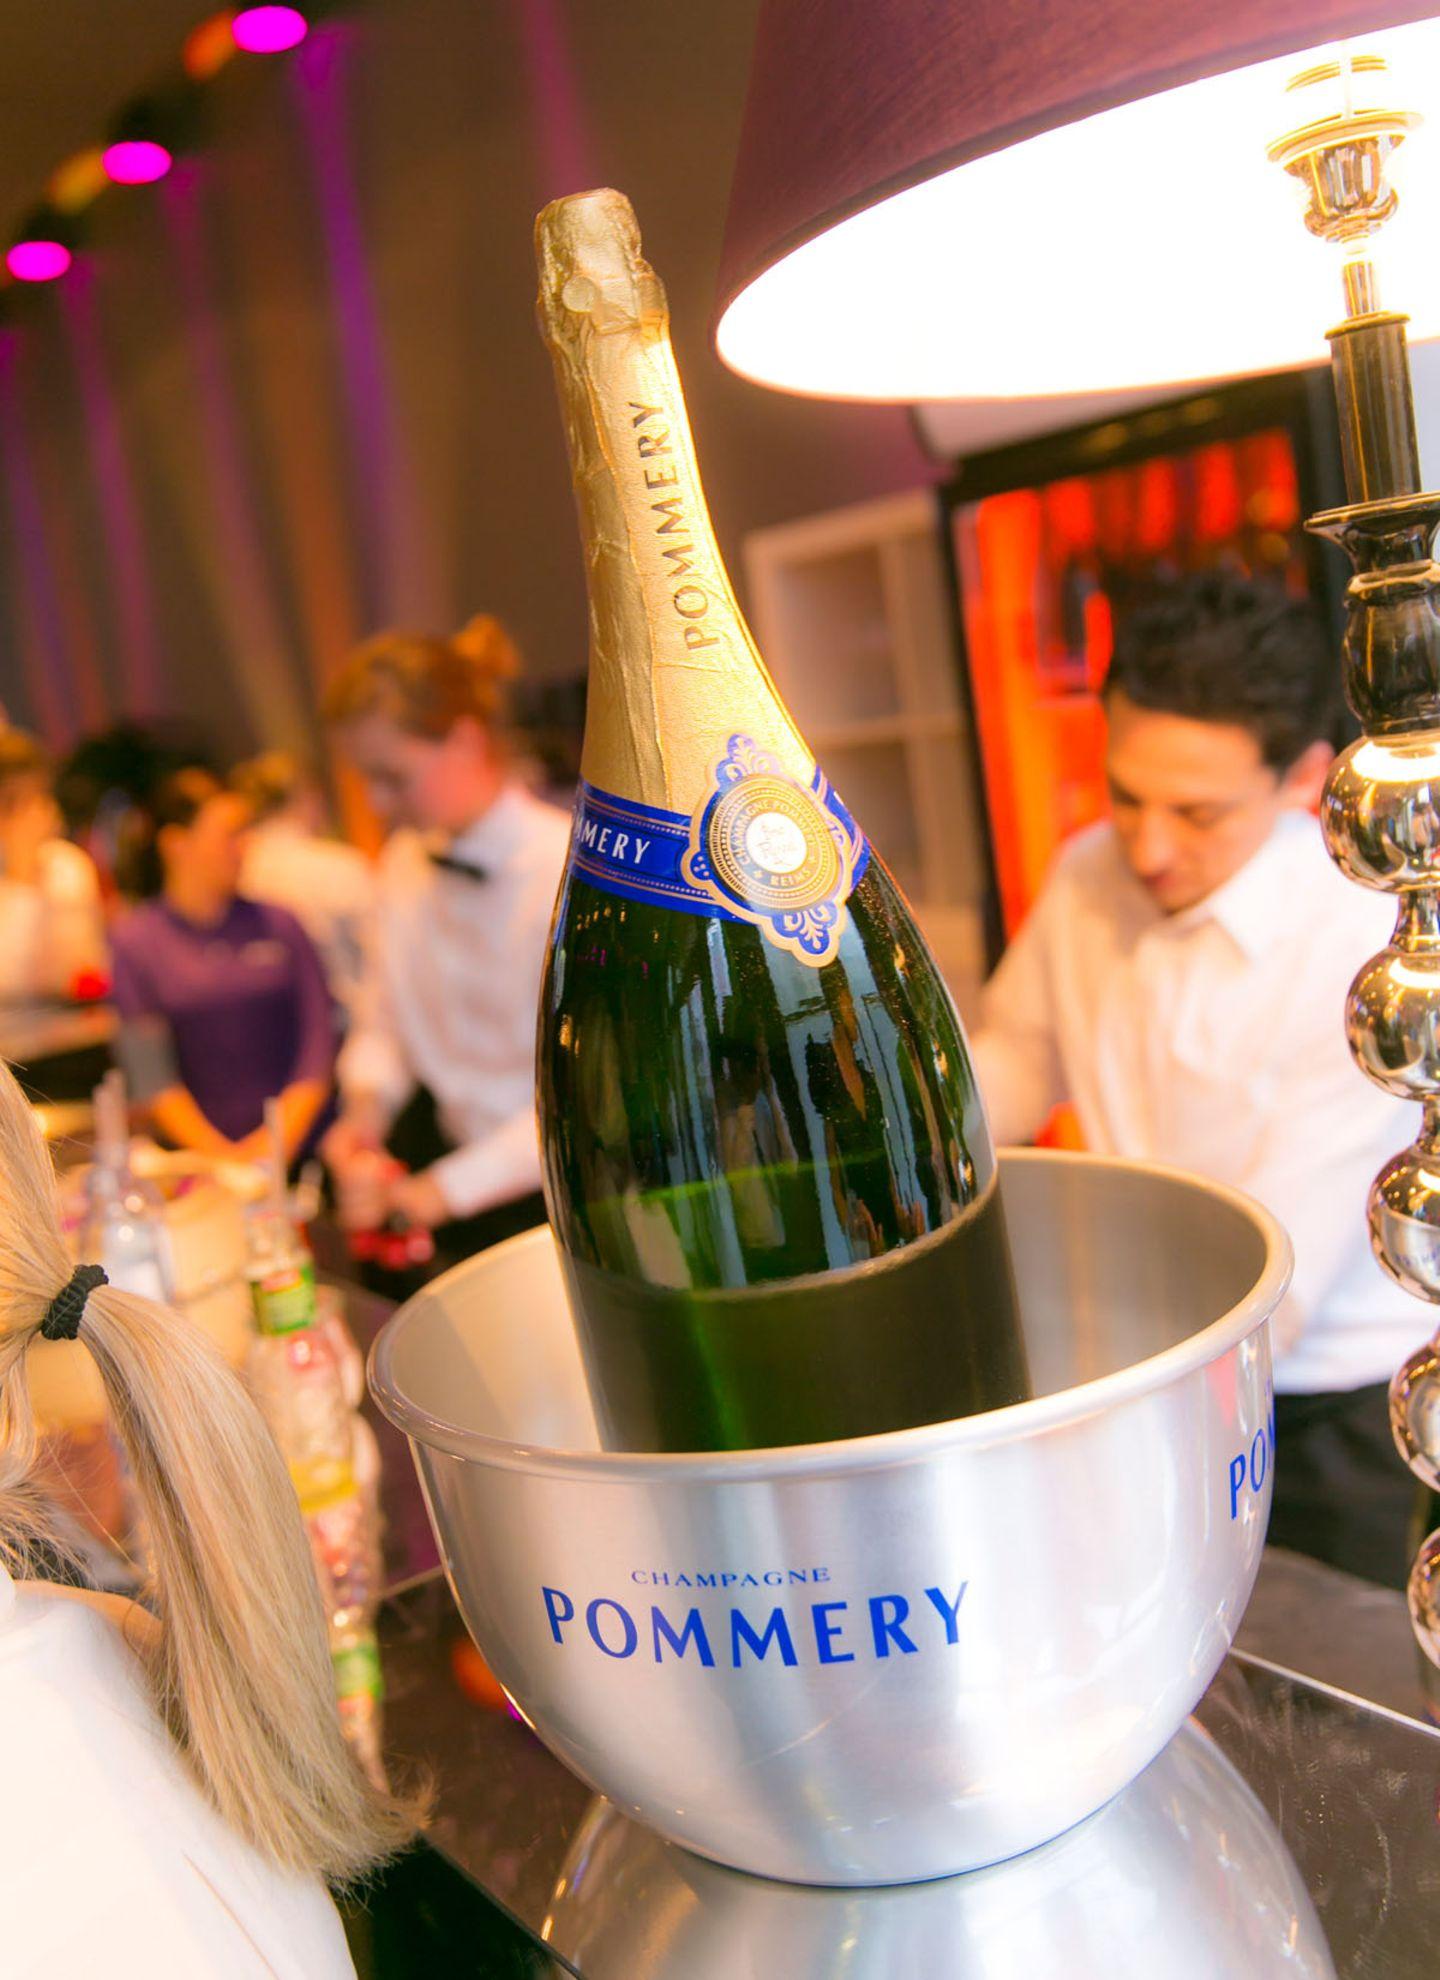 GALA-Event: Der Champagner von Pommery wird eiskalt serviert.